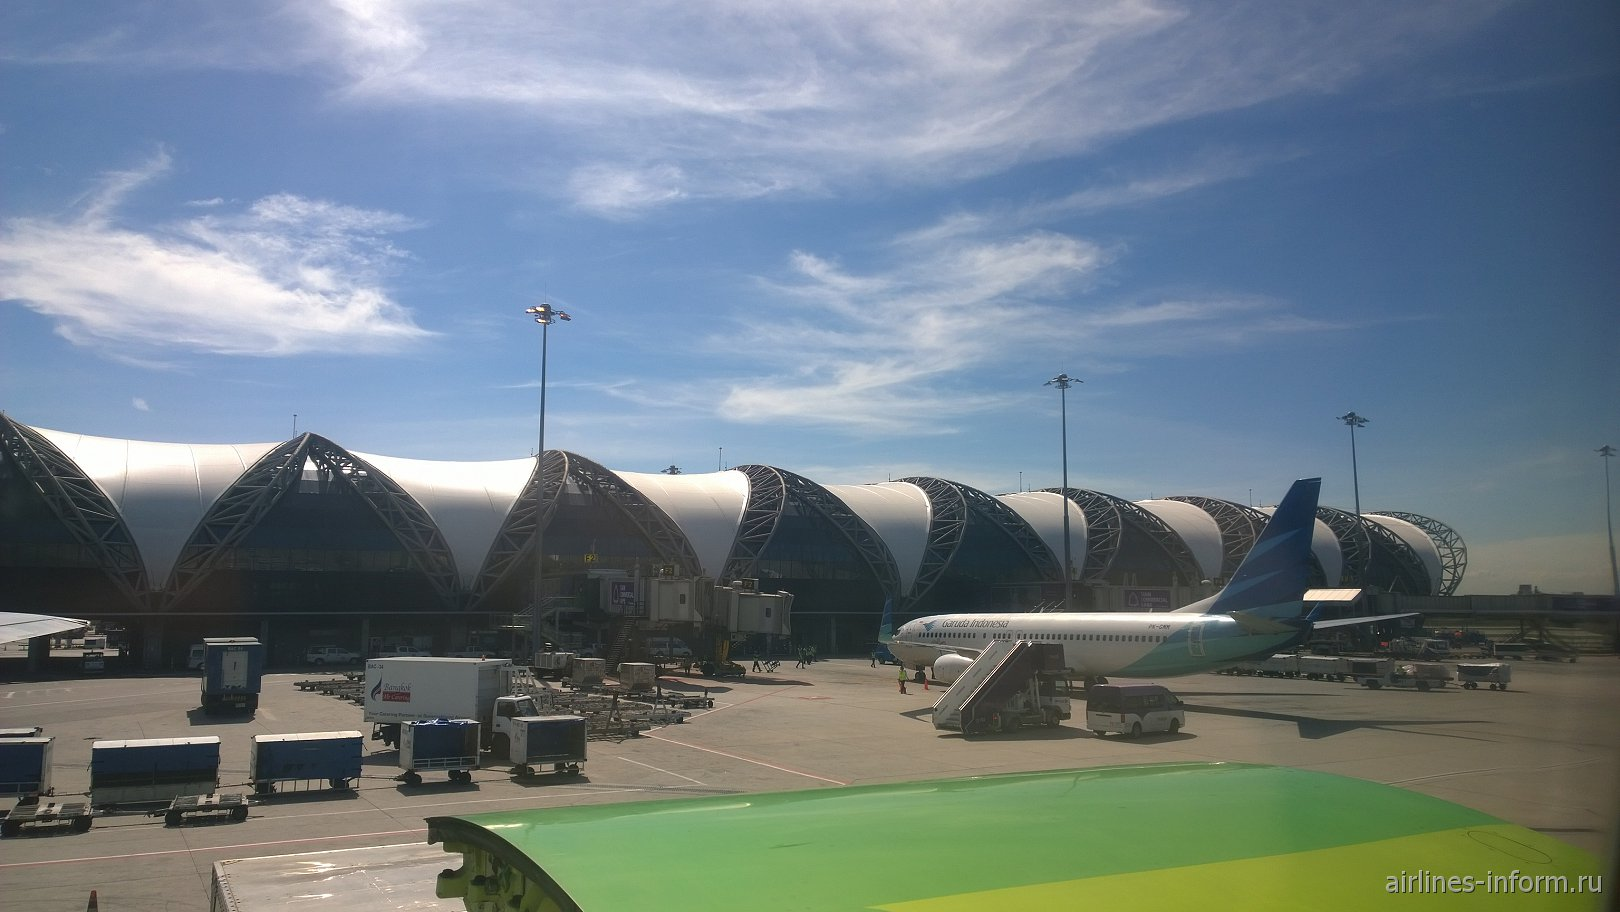 Бангкок (BKK) - Владивосток (VVO) с S7 Airlines